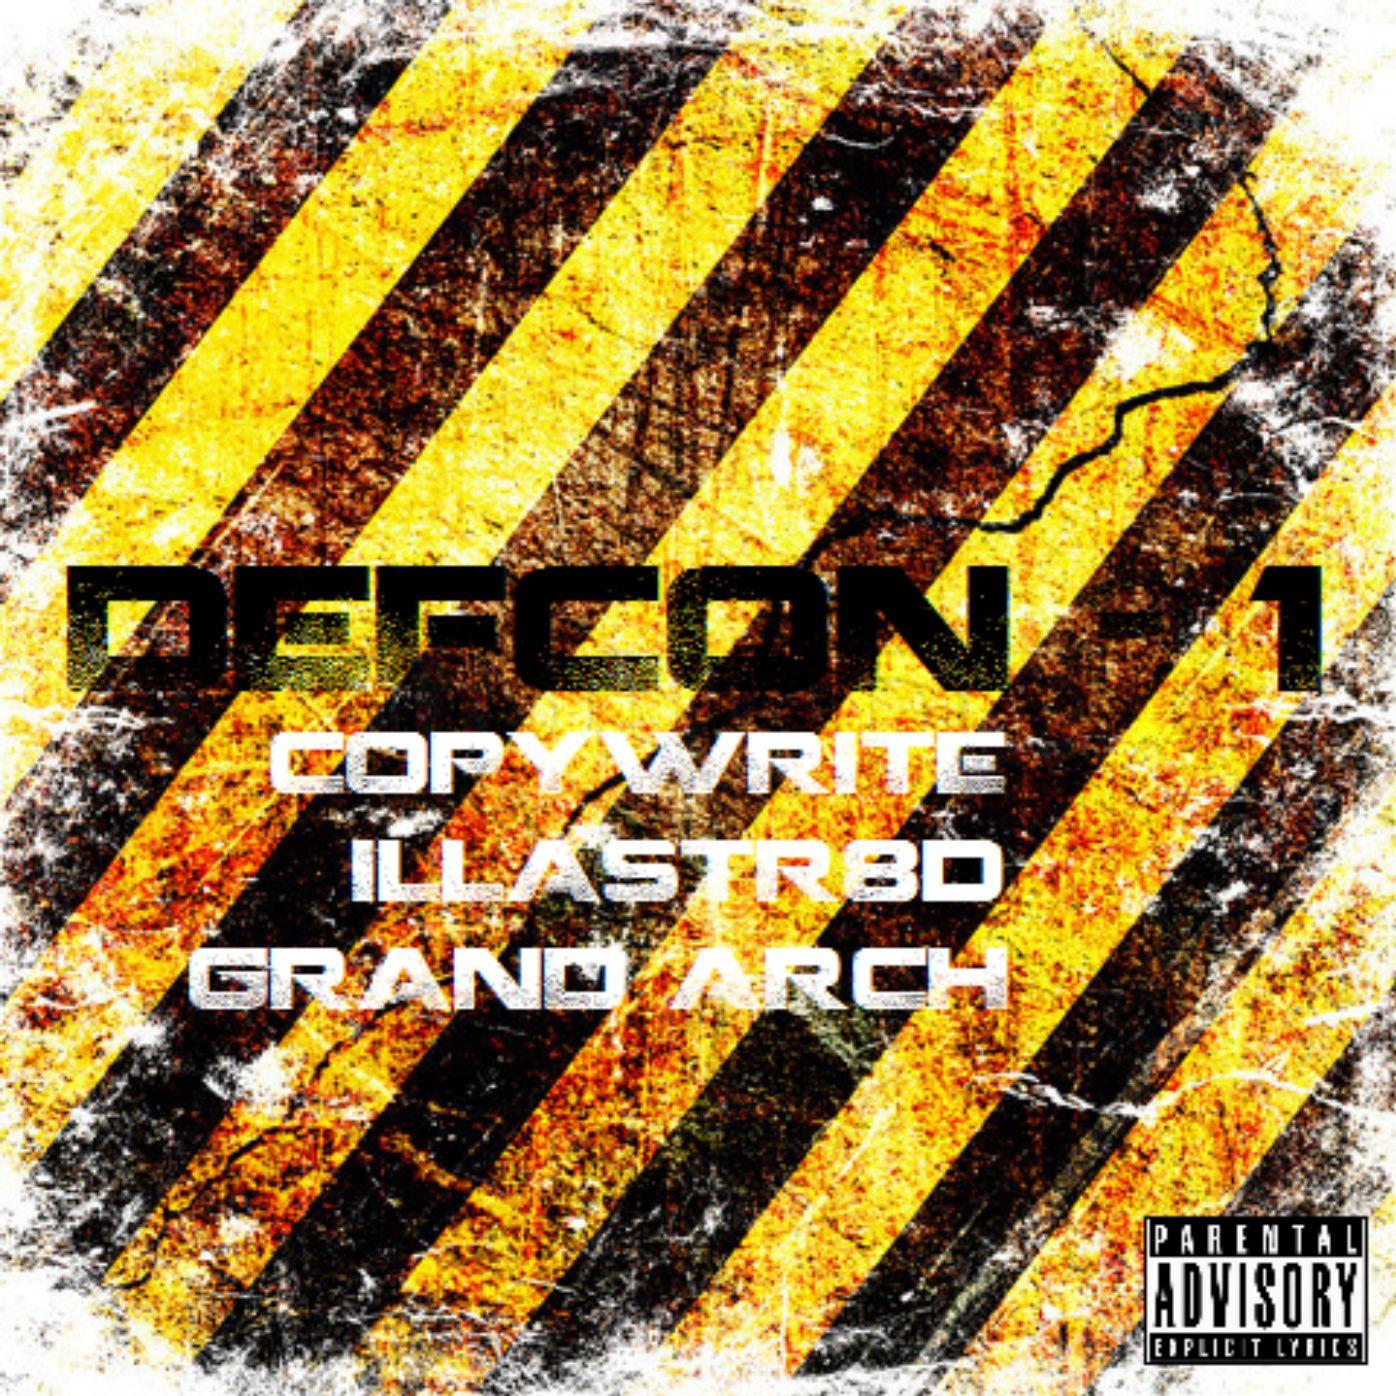 Title: Defcon-1 Artist: Copywrite, Illastr8d And Grand